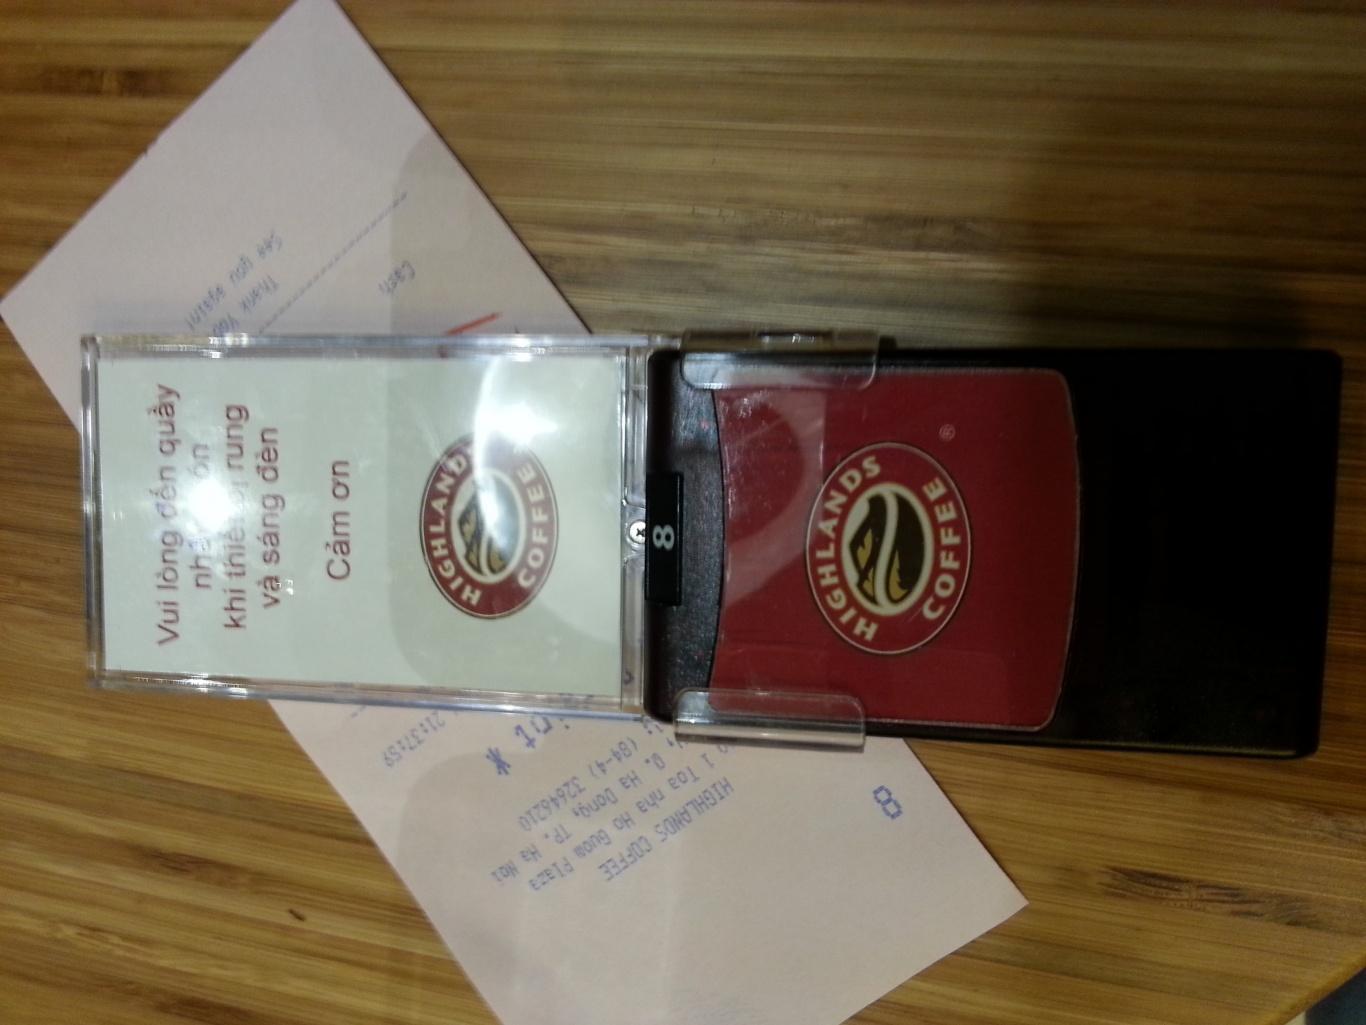 thiết bị tự phục vụ bí quyết thành công của Highlands Coffee